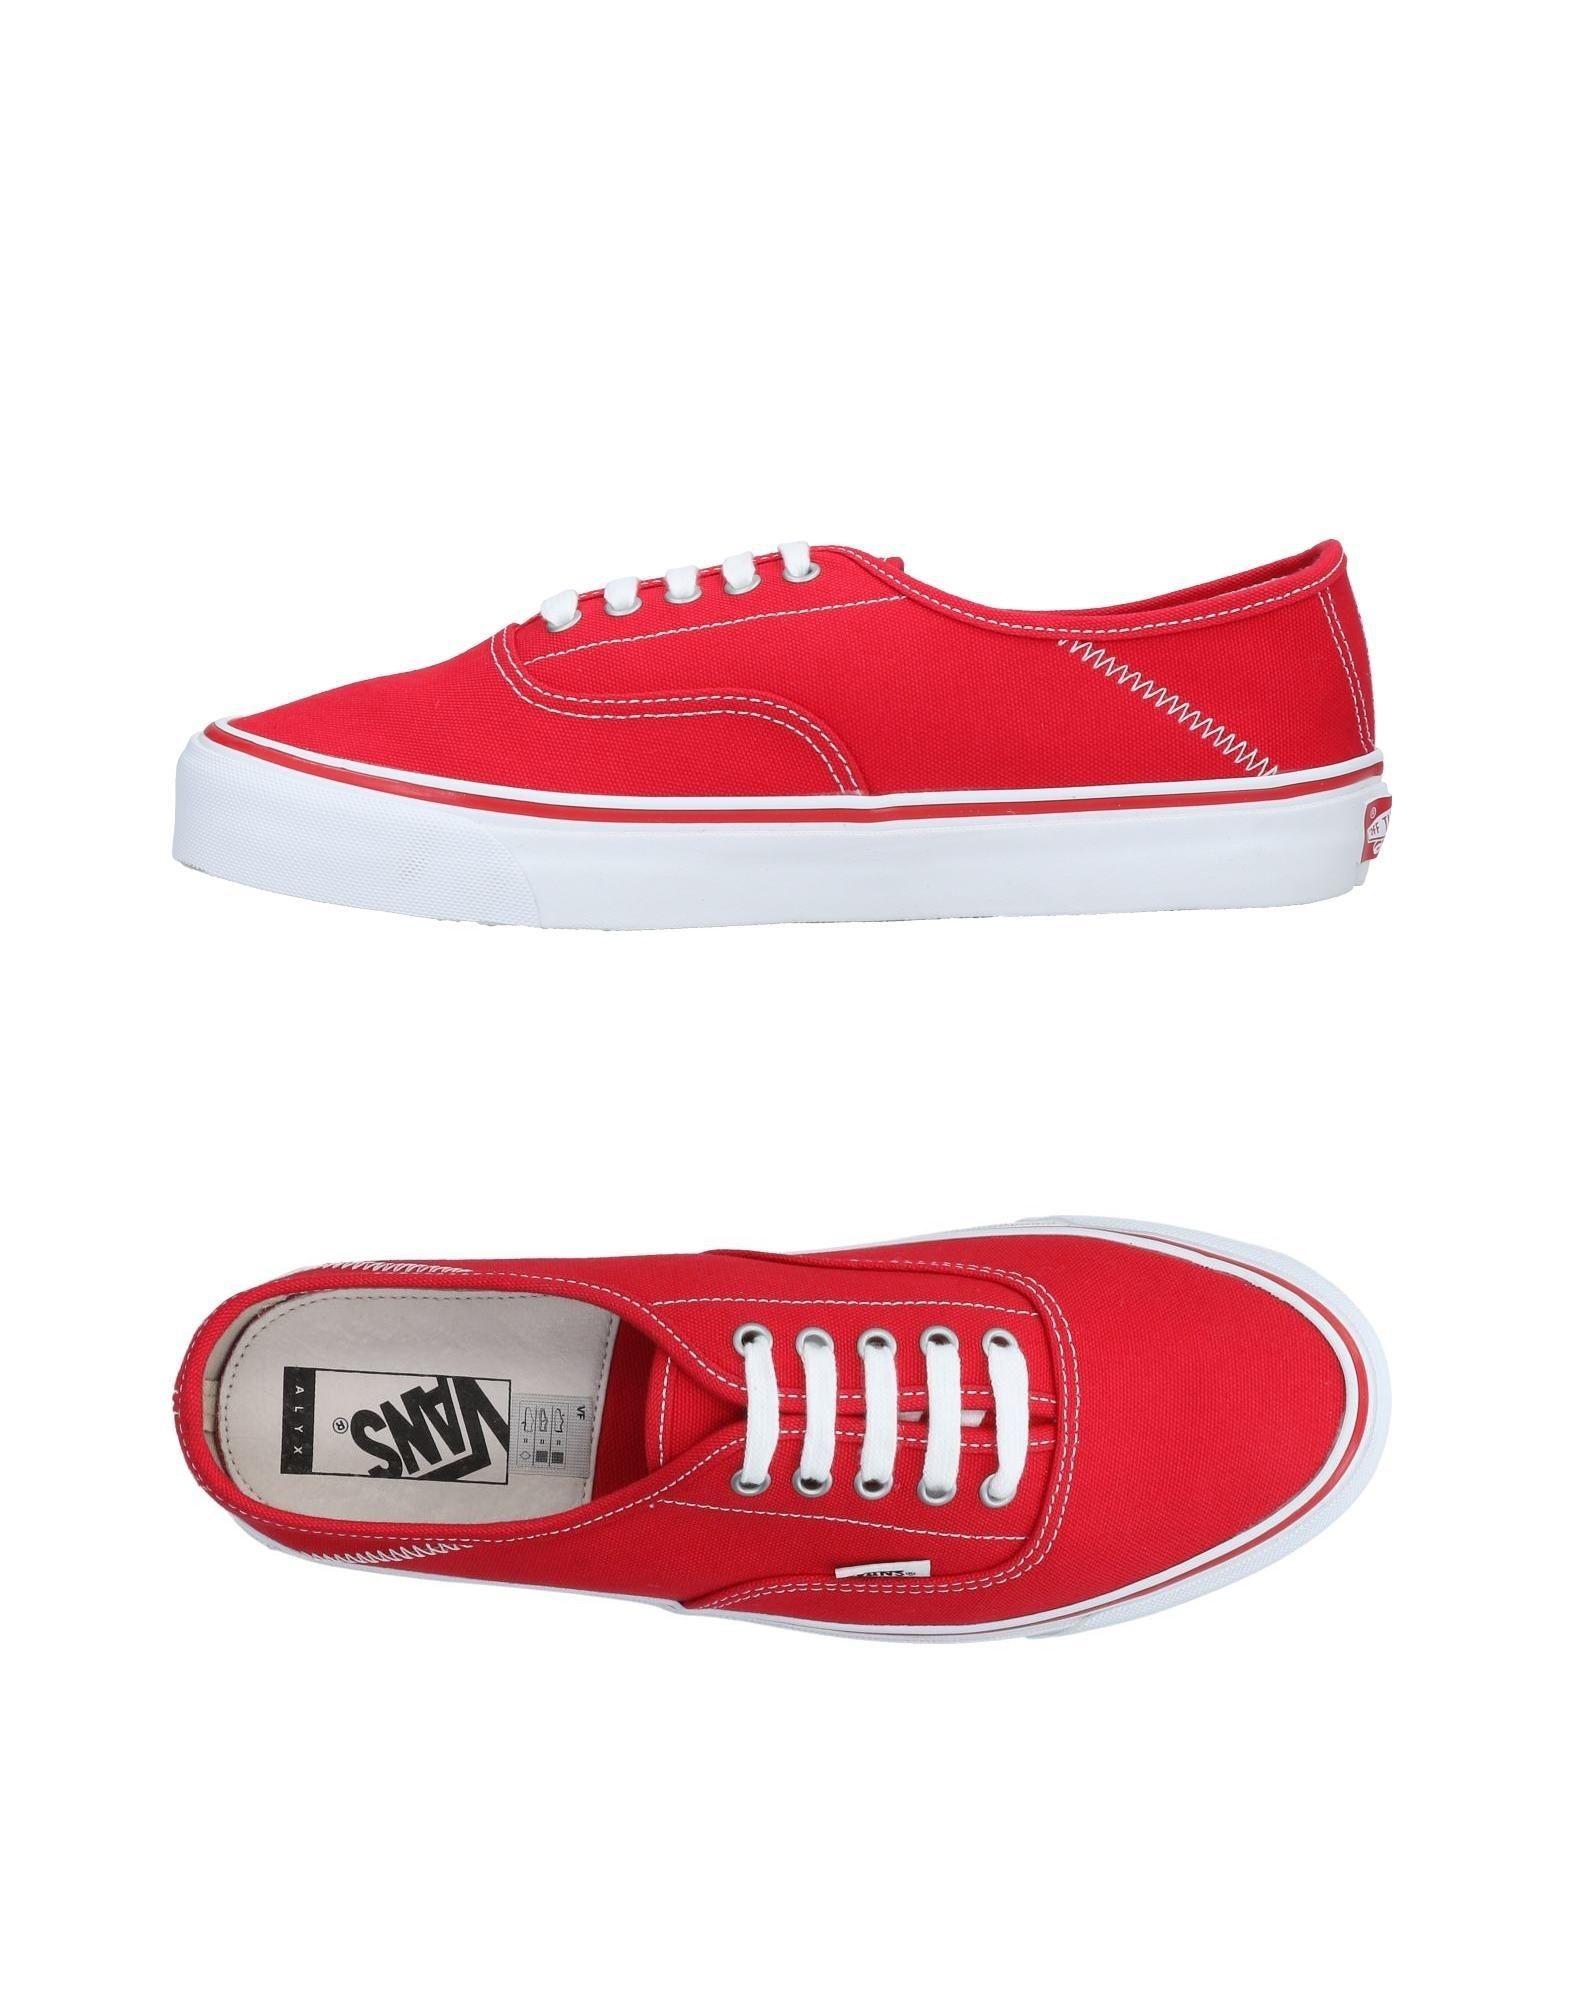 Rabatt echte Schuhe Turnschuhes Vans Turnschuhes Schuhe Herren 11493591XL 88805f